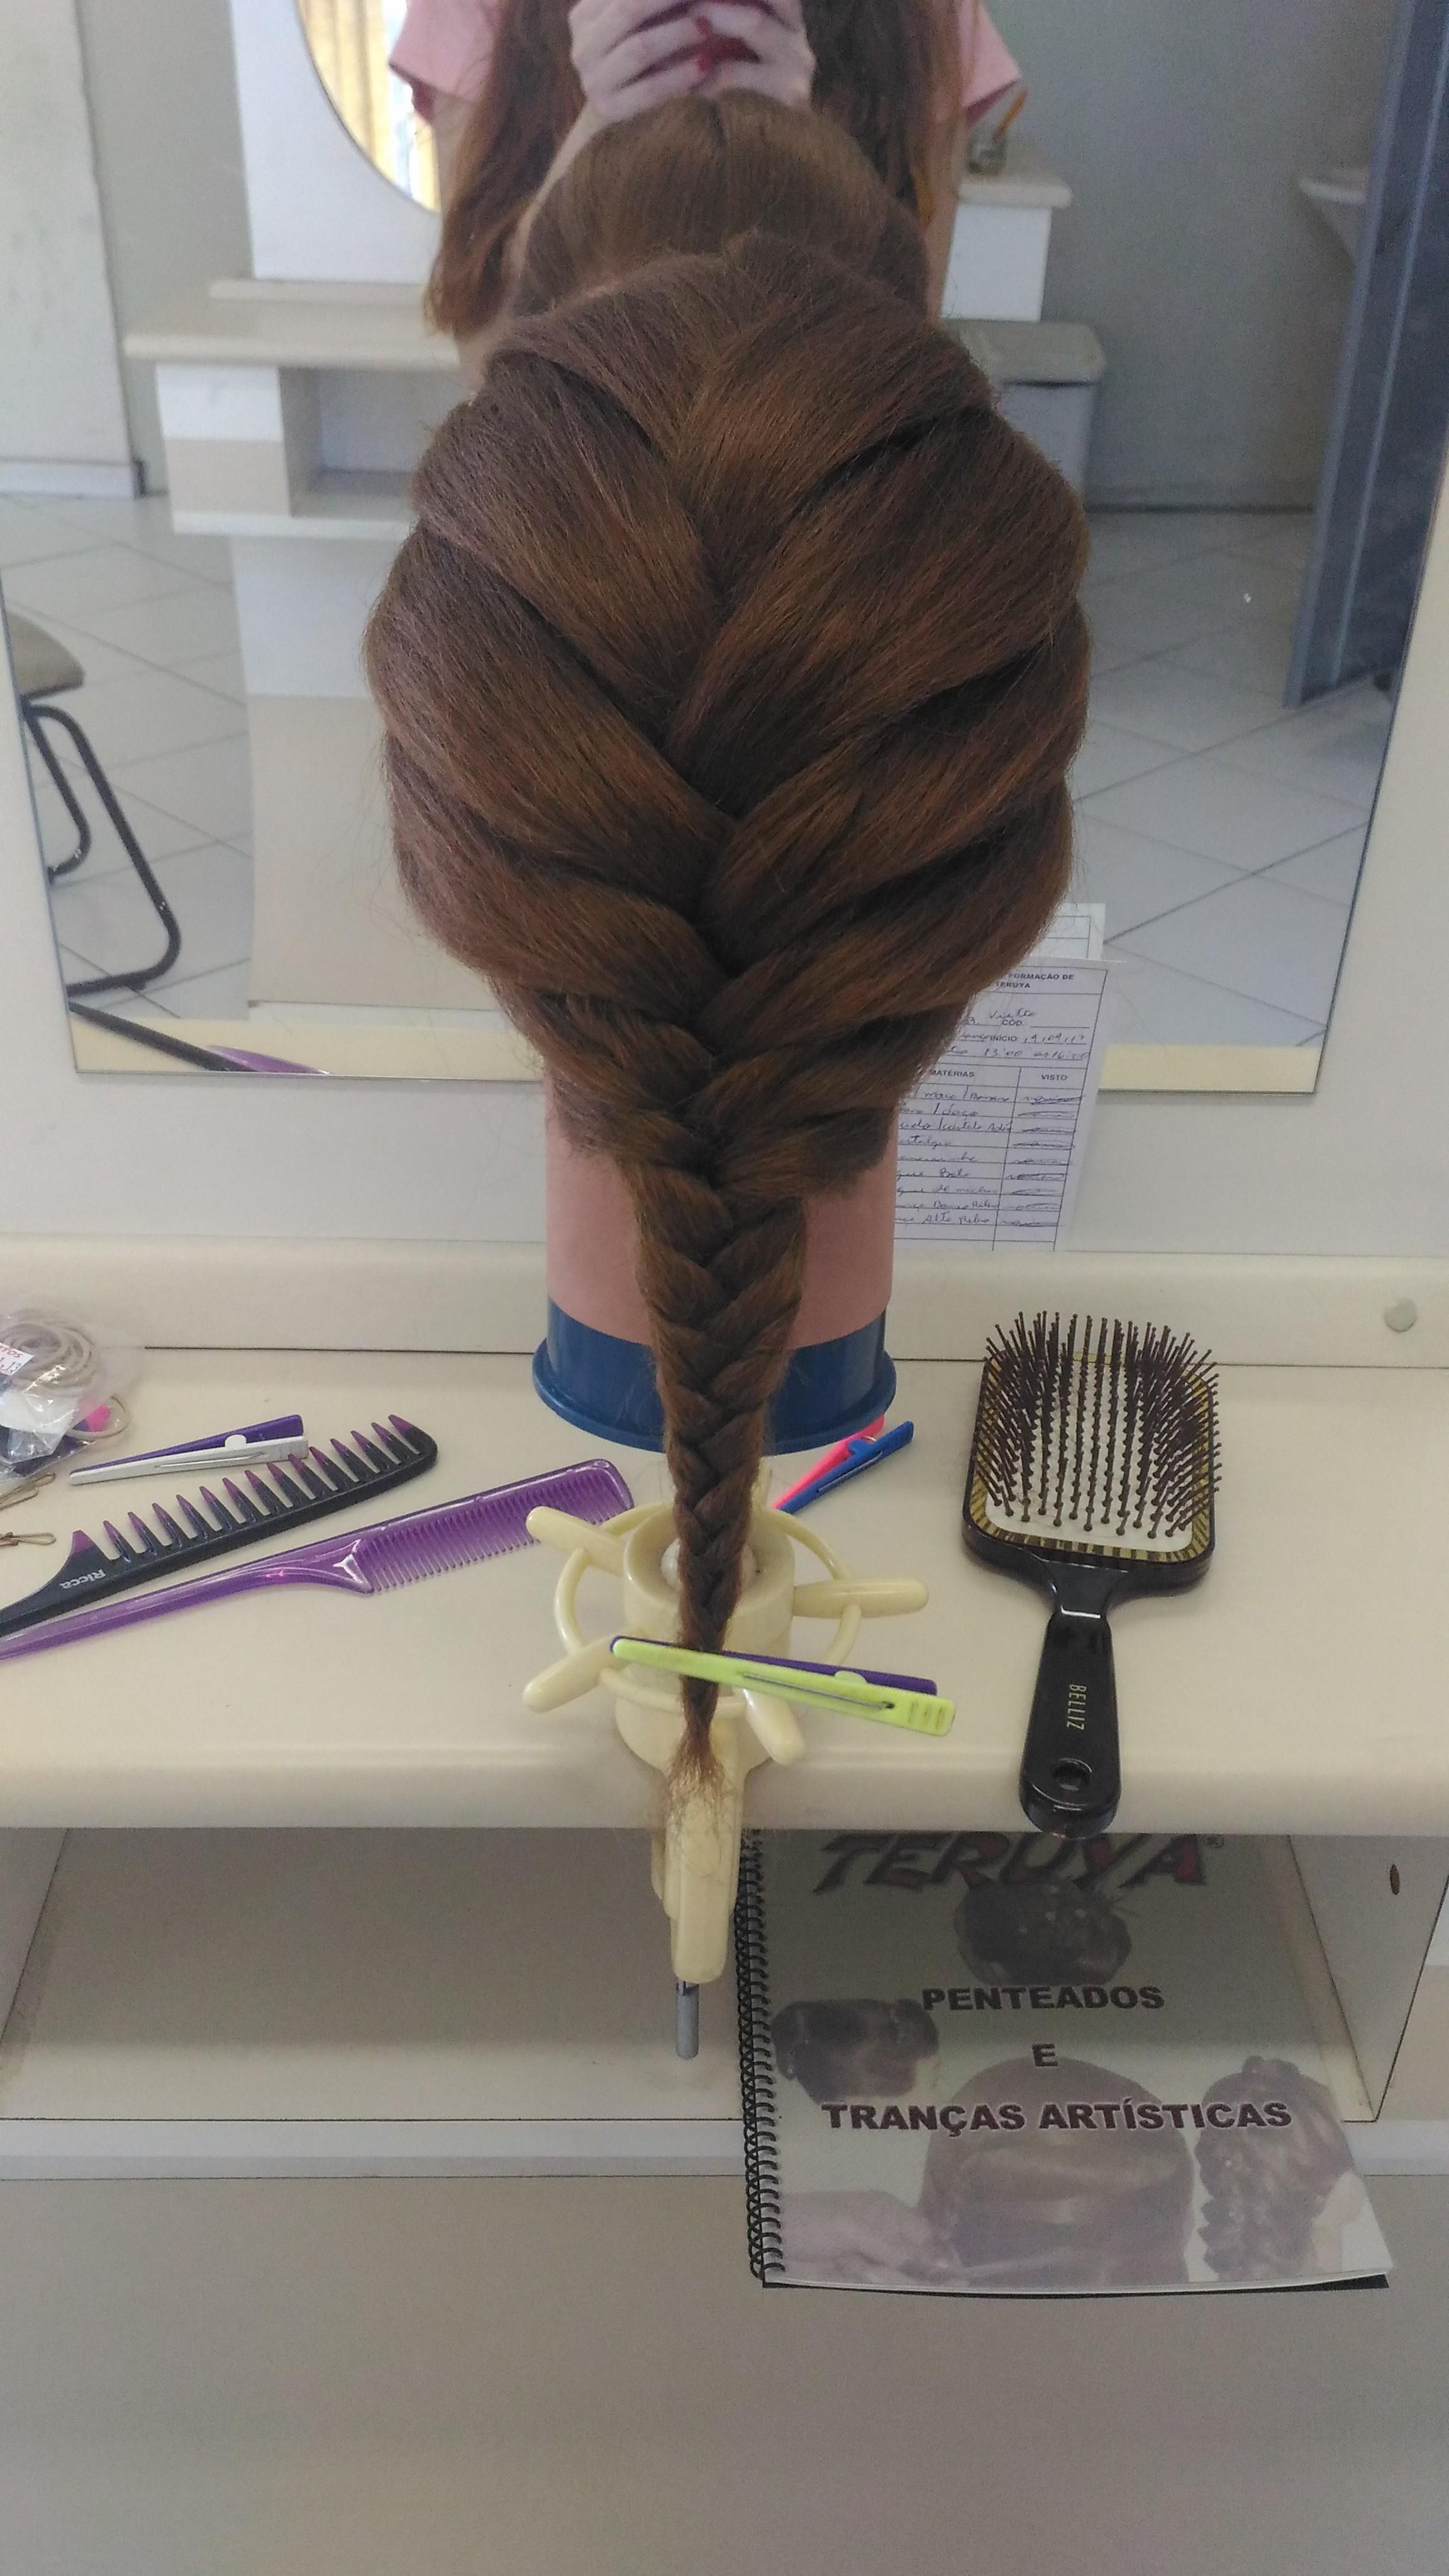 #penteado #trança cabelo estudante (esteticista) auxiliar cabeleireiro(a) estudante (designer sobrancelha) barbeiro(a) escovista cabeleireiro(a)